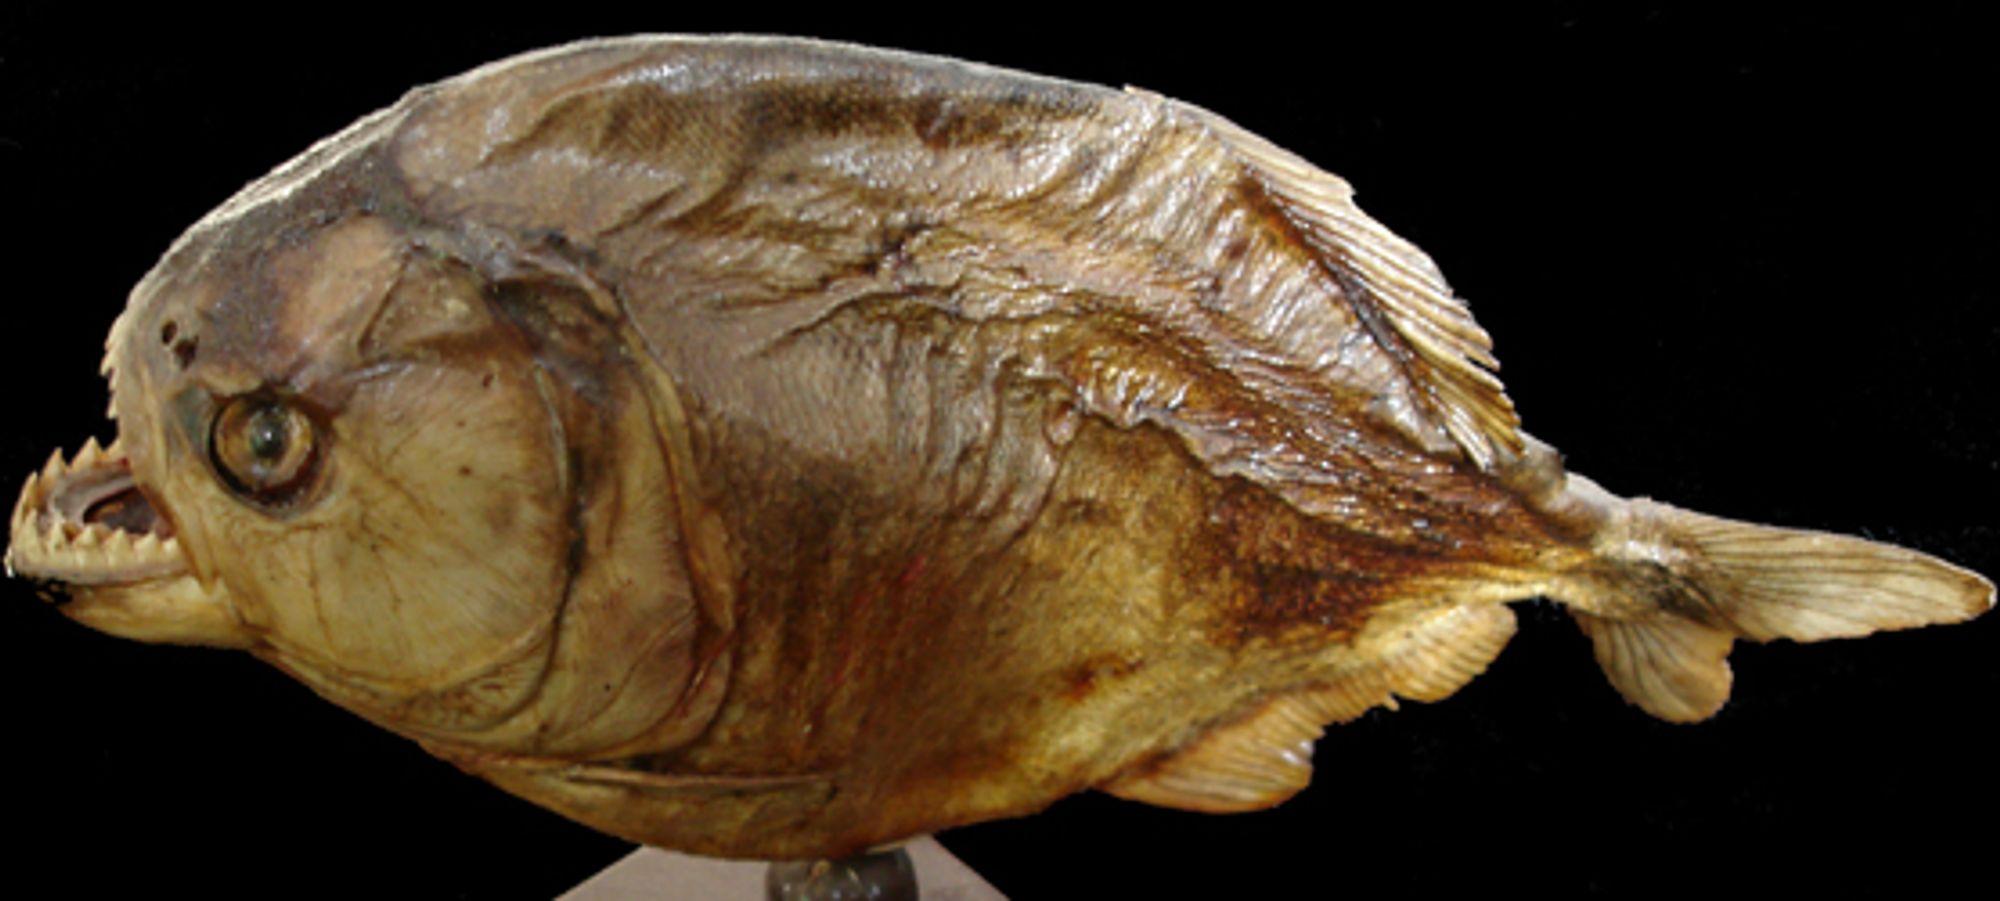 Vi gleder oss til kjøttetende pirayaer i 3-D.